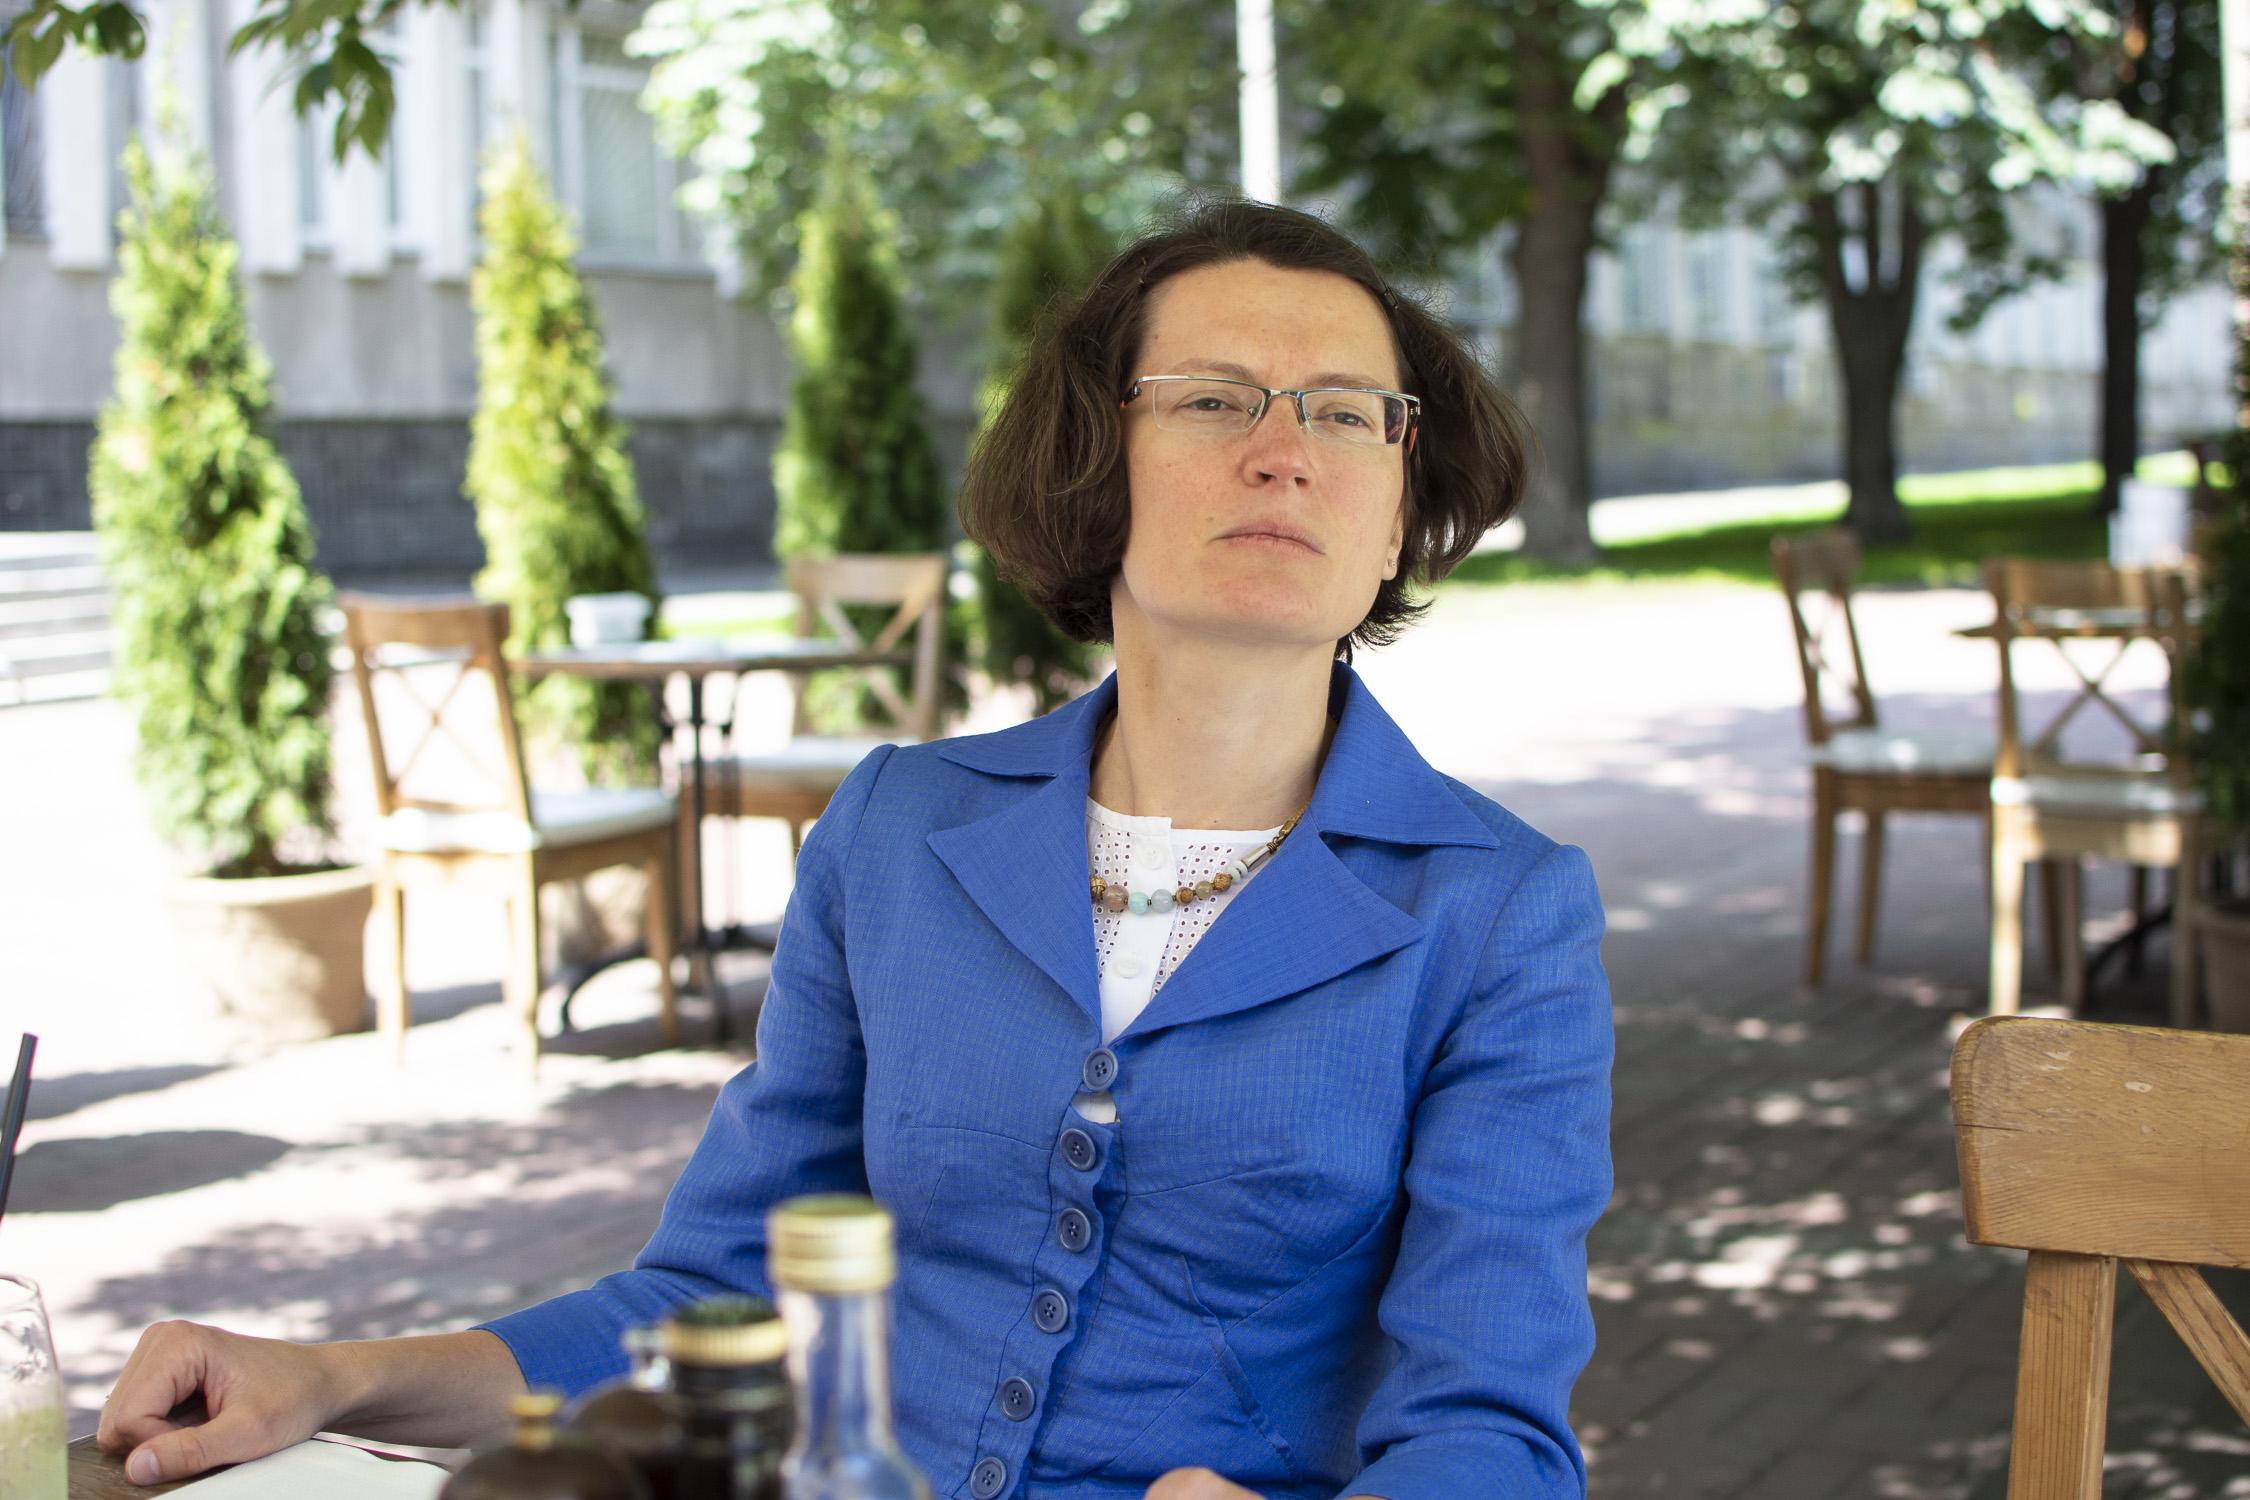 КОНТРОЛЬНАЯ РАБОТА: Марья Васильева из «Метинвеста» о том, как международное обучение помогает растиукраинским управленцам